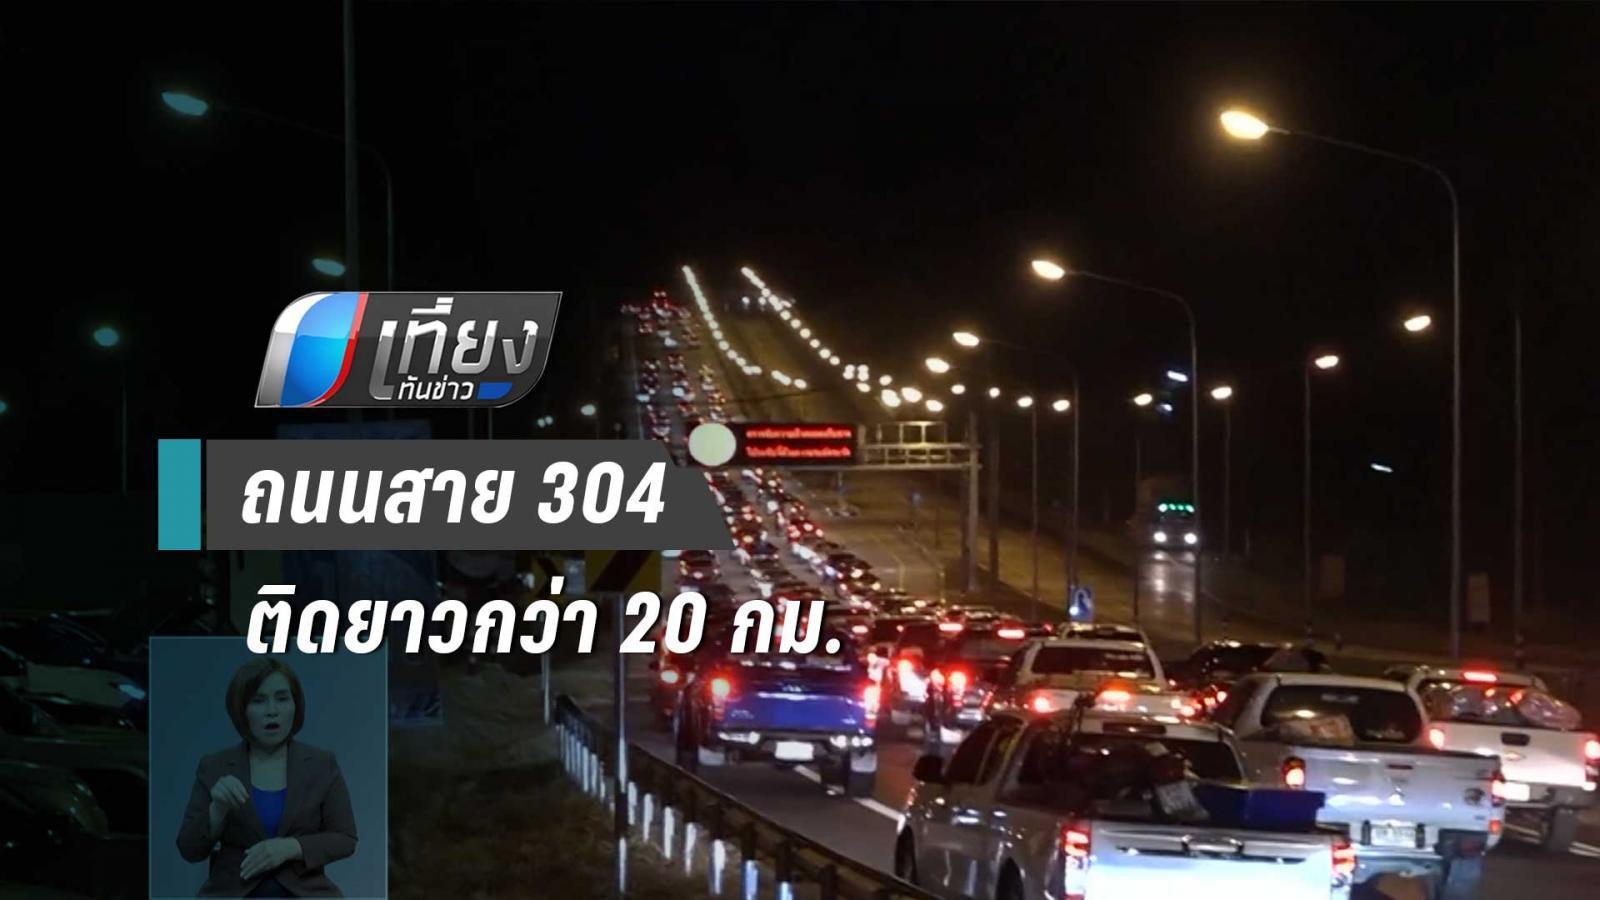 ปราจีนบุรี ถนนสาย 304 ติดยาวกว่า 20 กม.